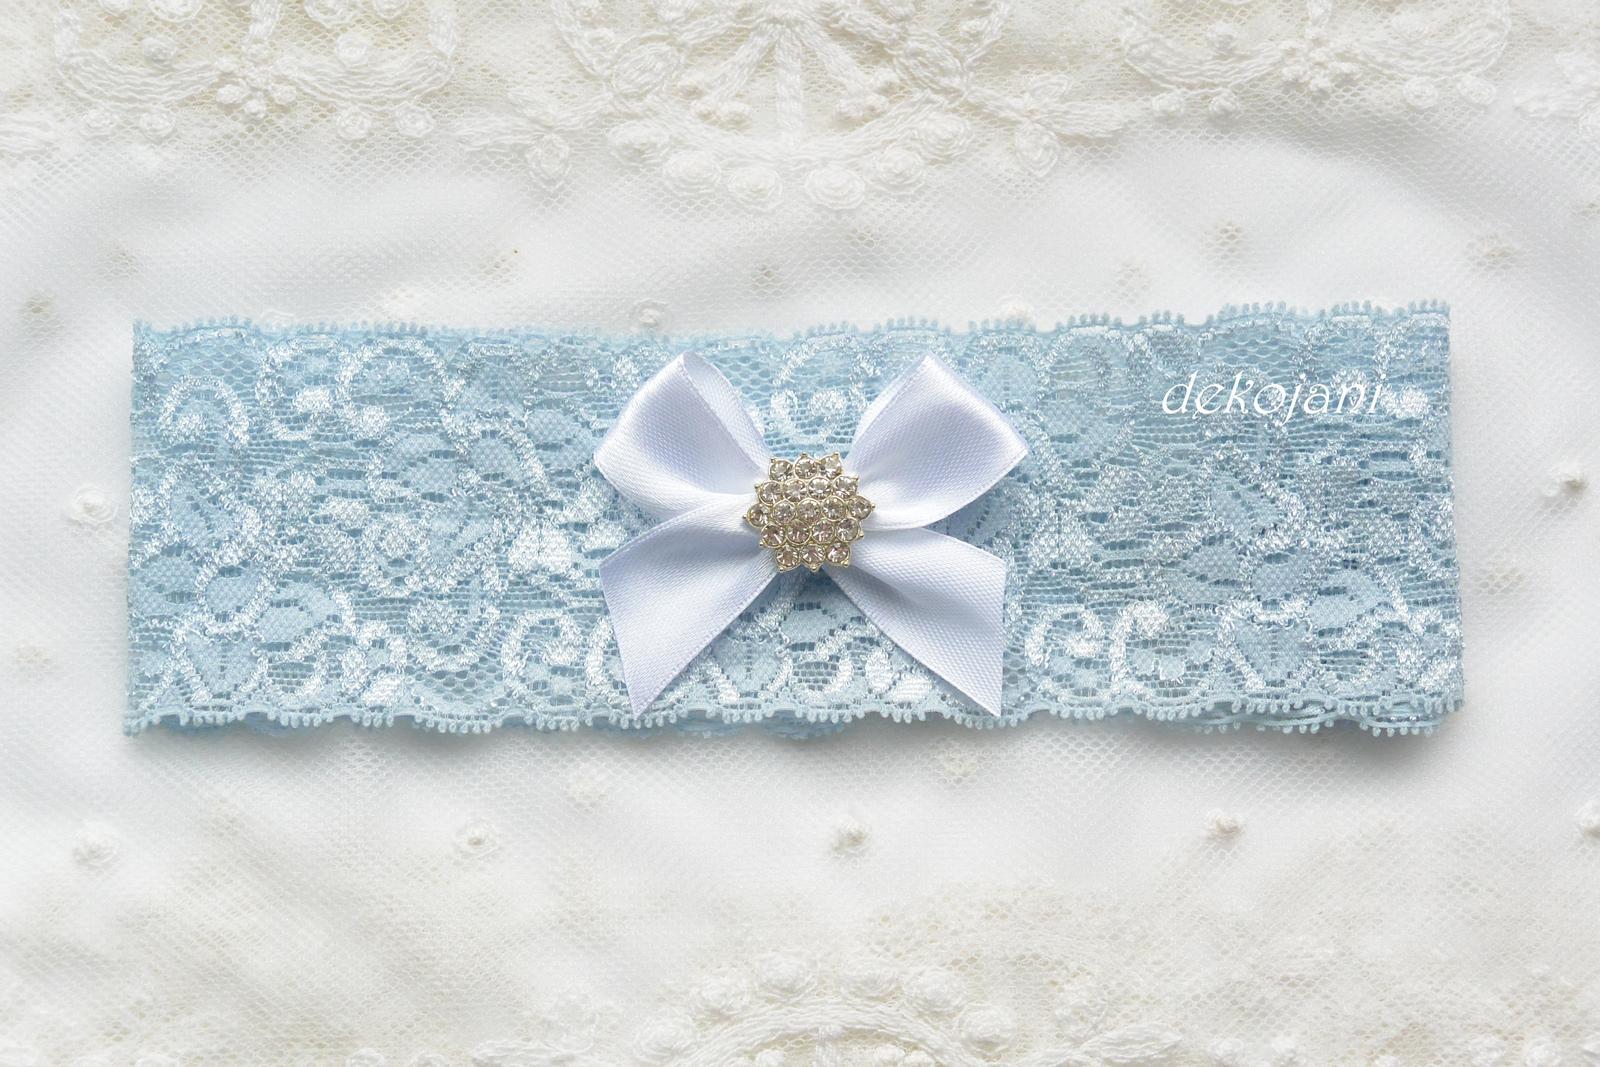 Luxusní svatební doplňky a dekorace. - Obrázek č. 16